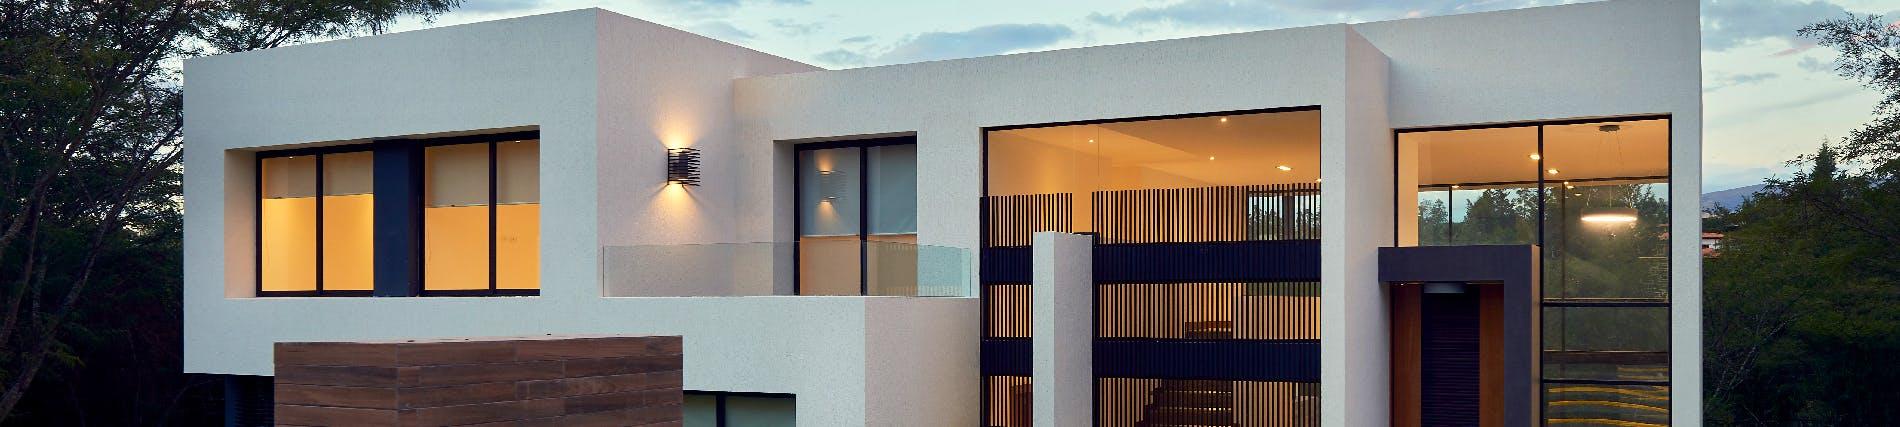 Factores que inciden en la valorización de una vivienda